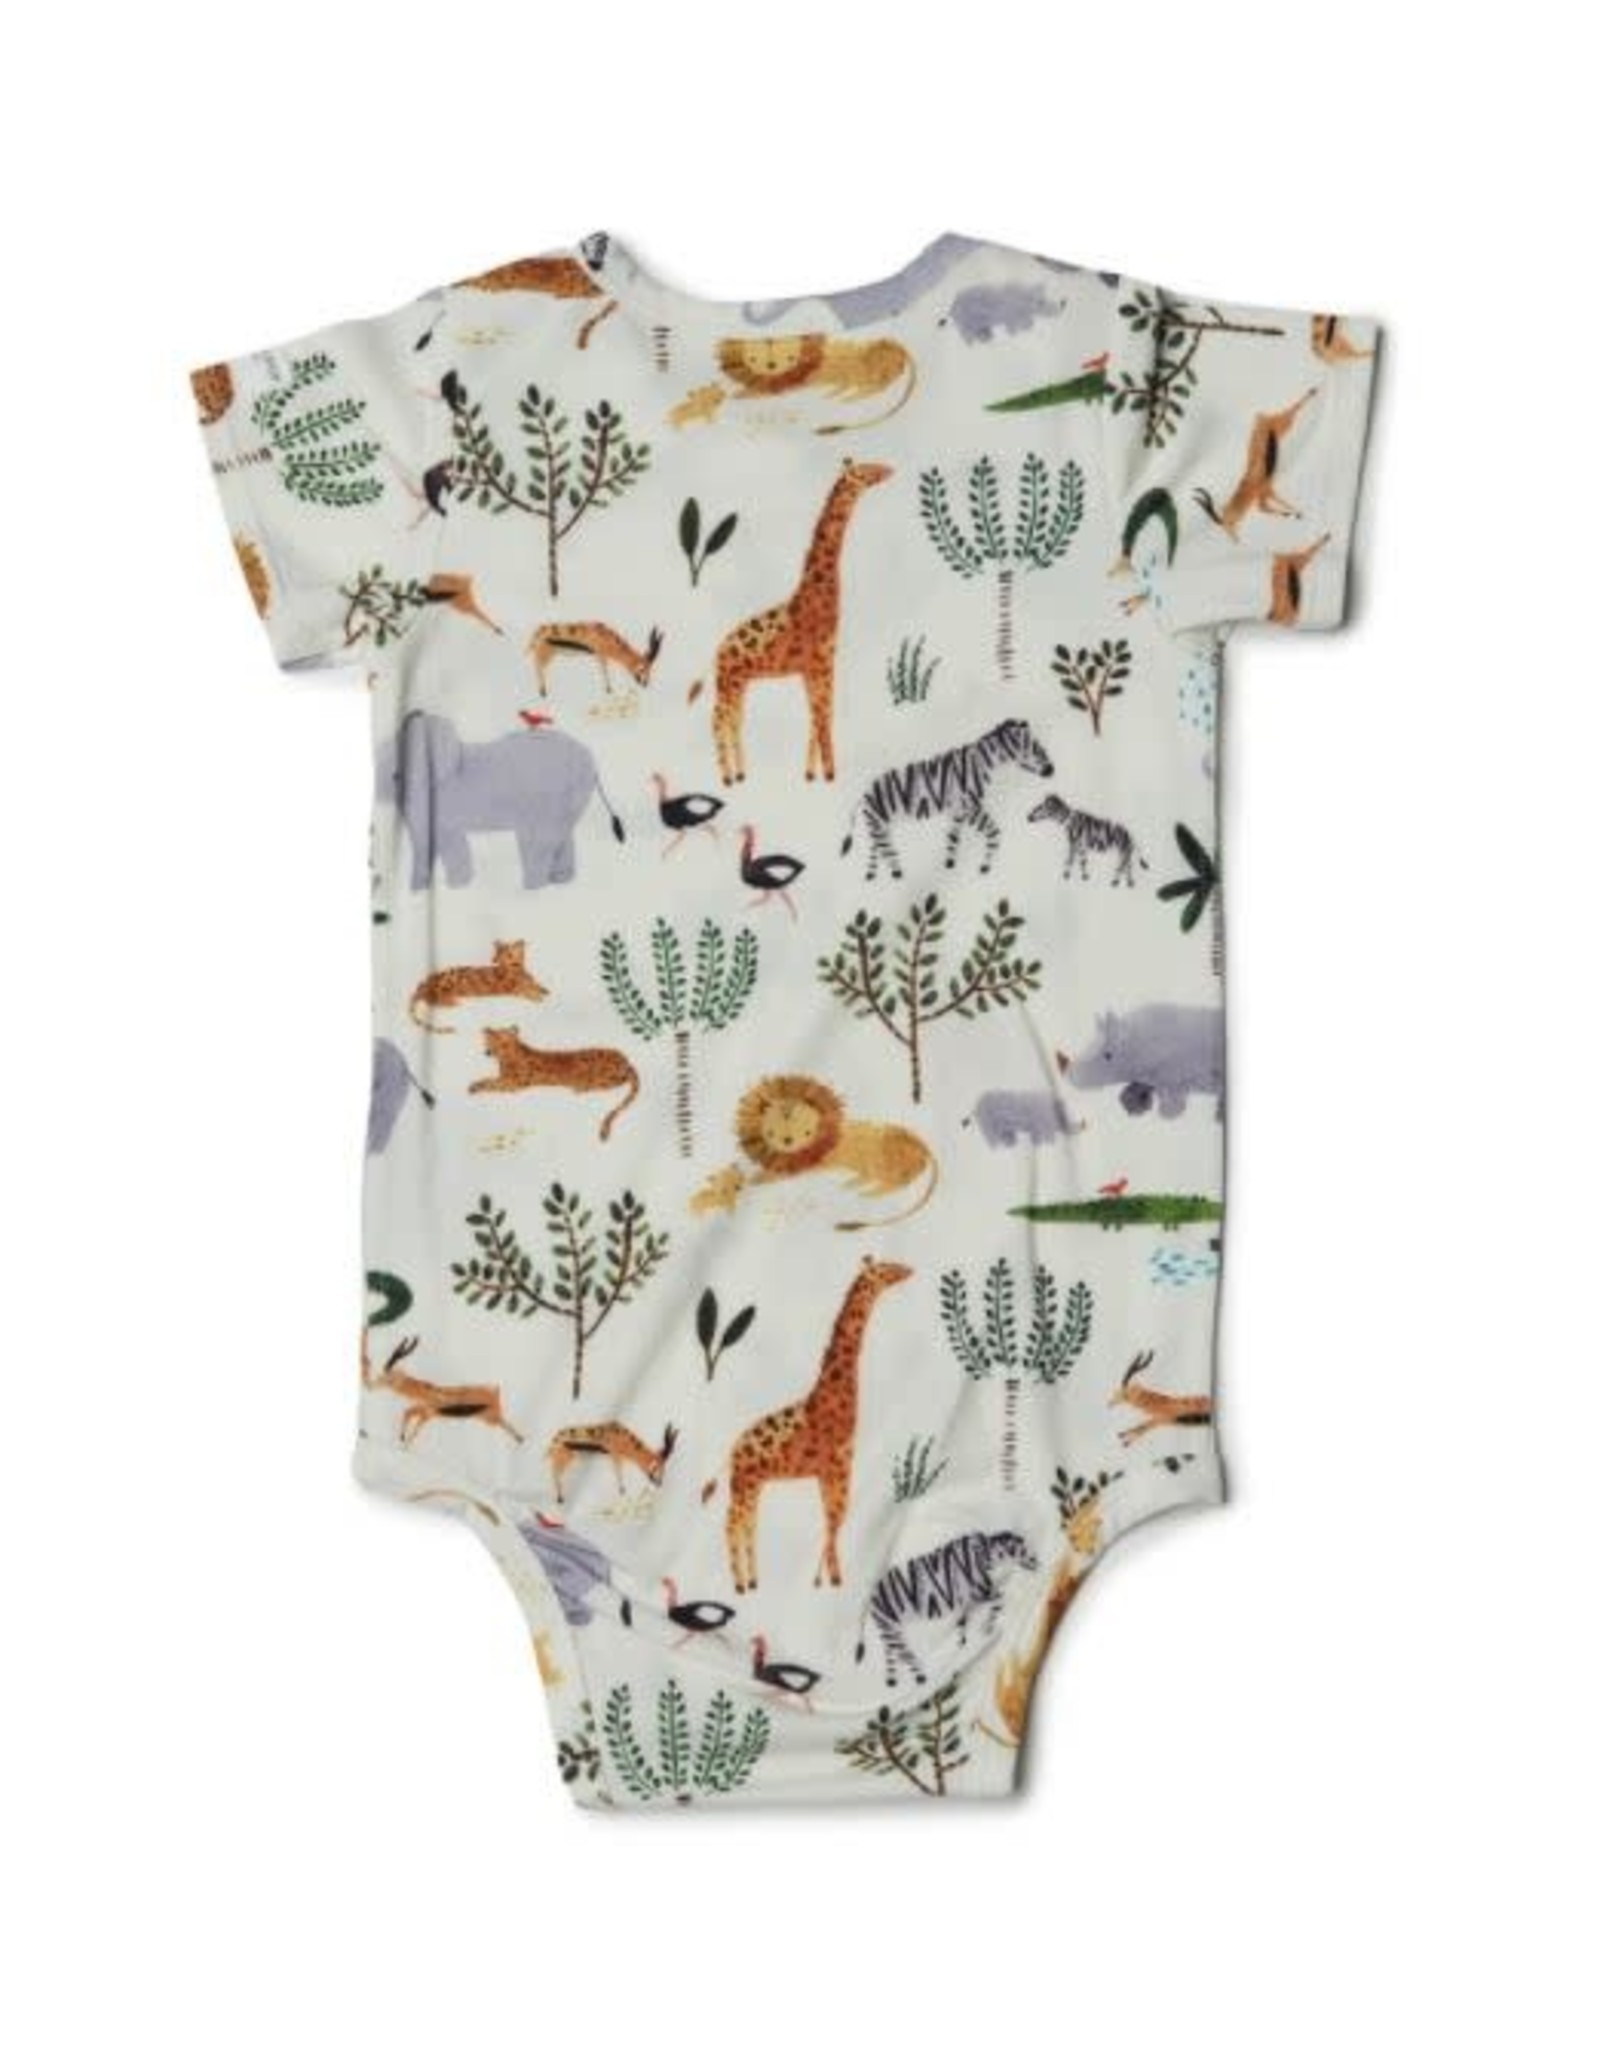 Loulou Lollipop Unisex Bodysuit - Safari Jungle